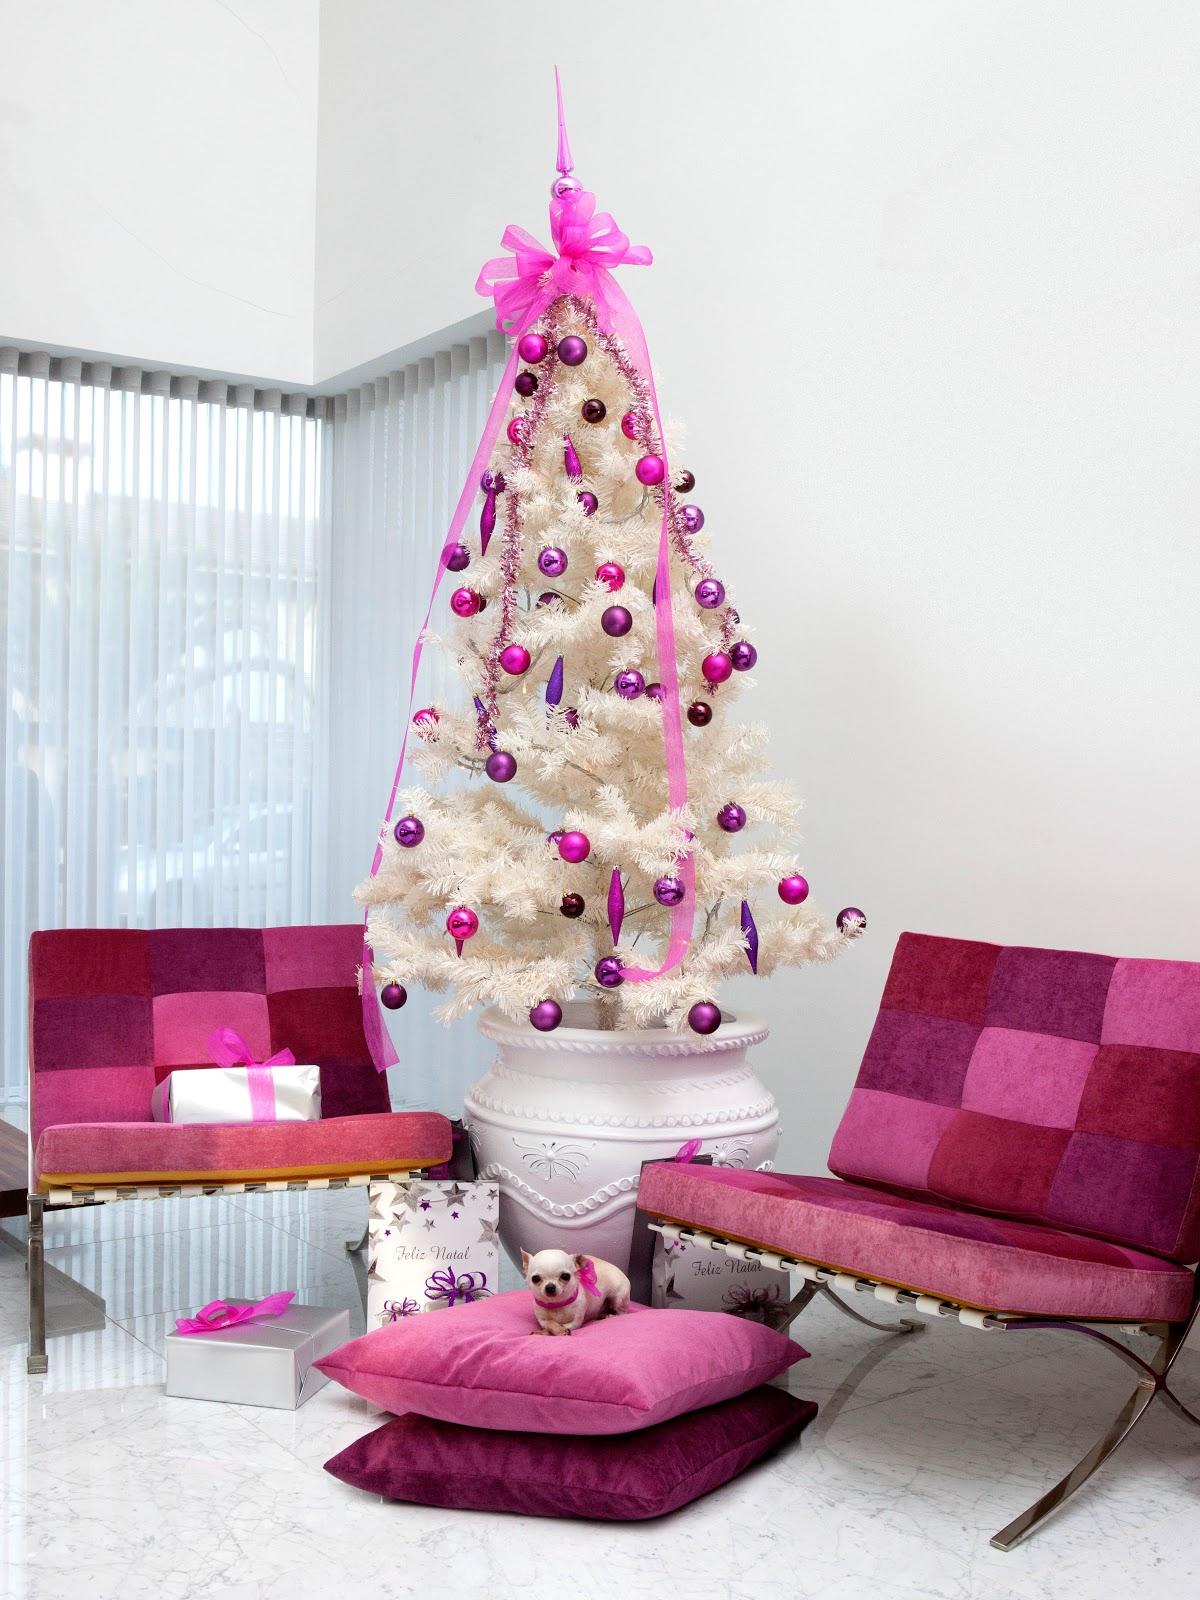 ideias para decorar arvore de natal branca : ideias para decorar arvore de natal branca:Ambiente natalício